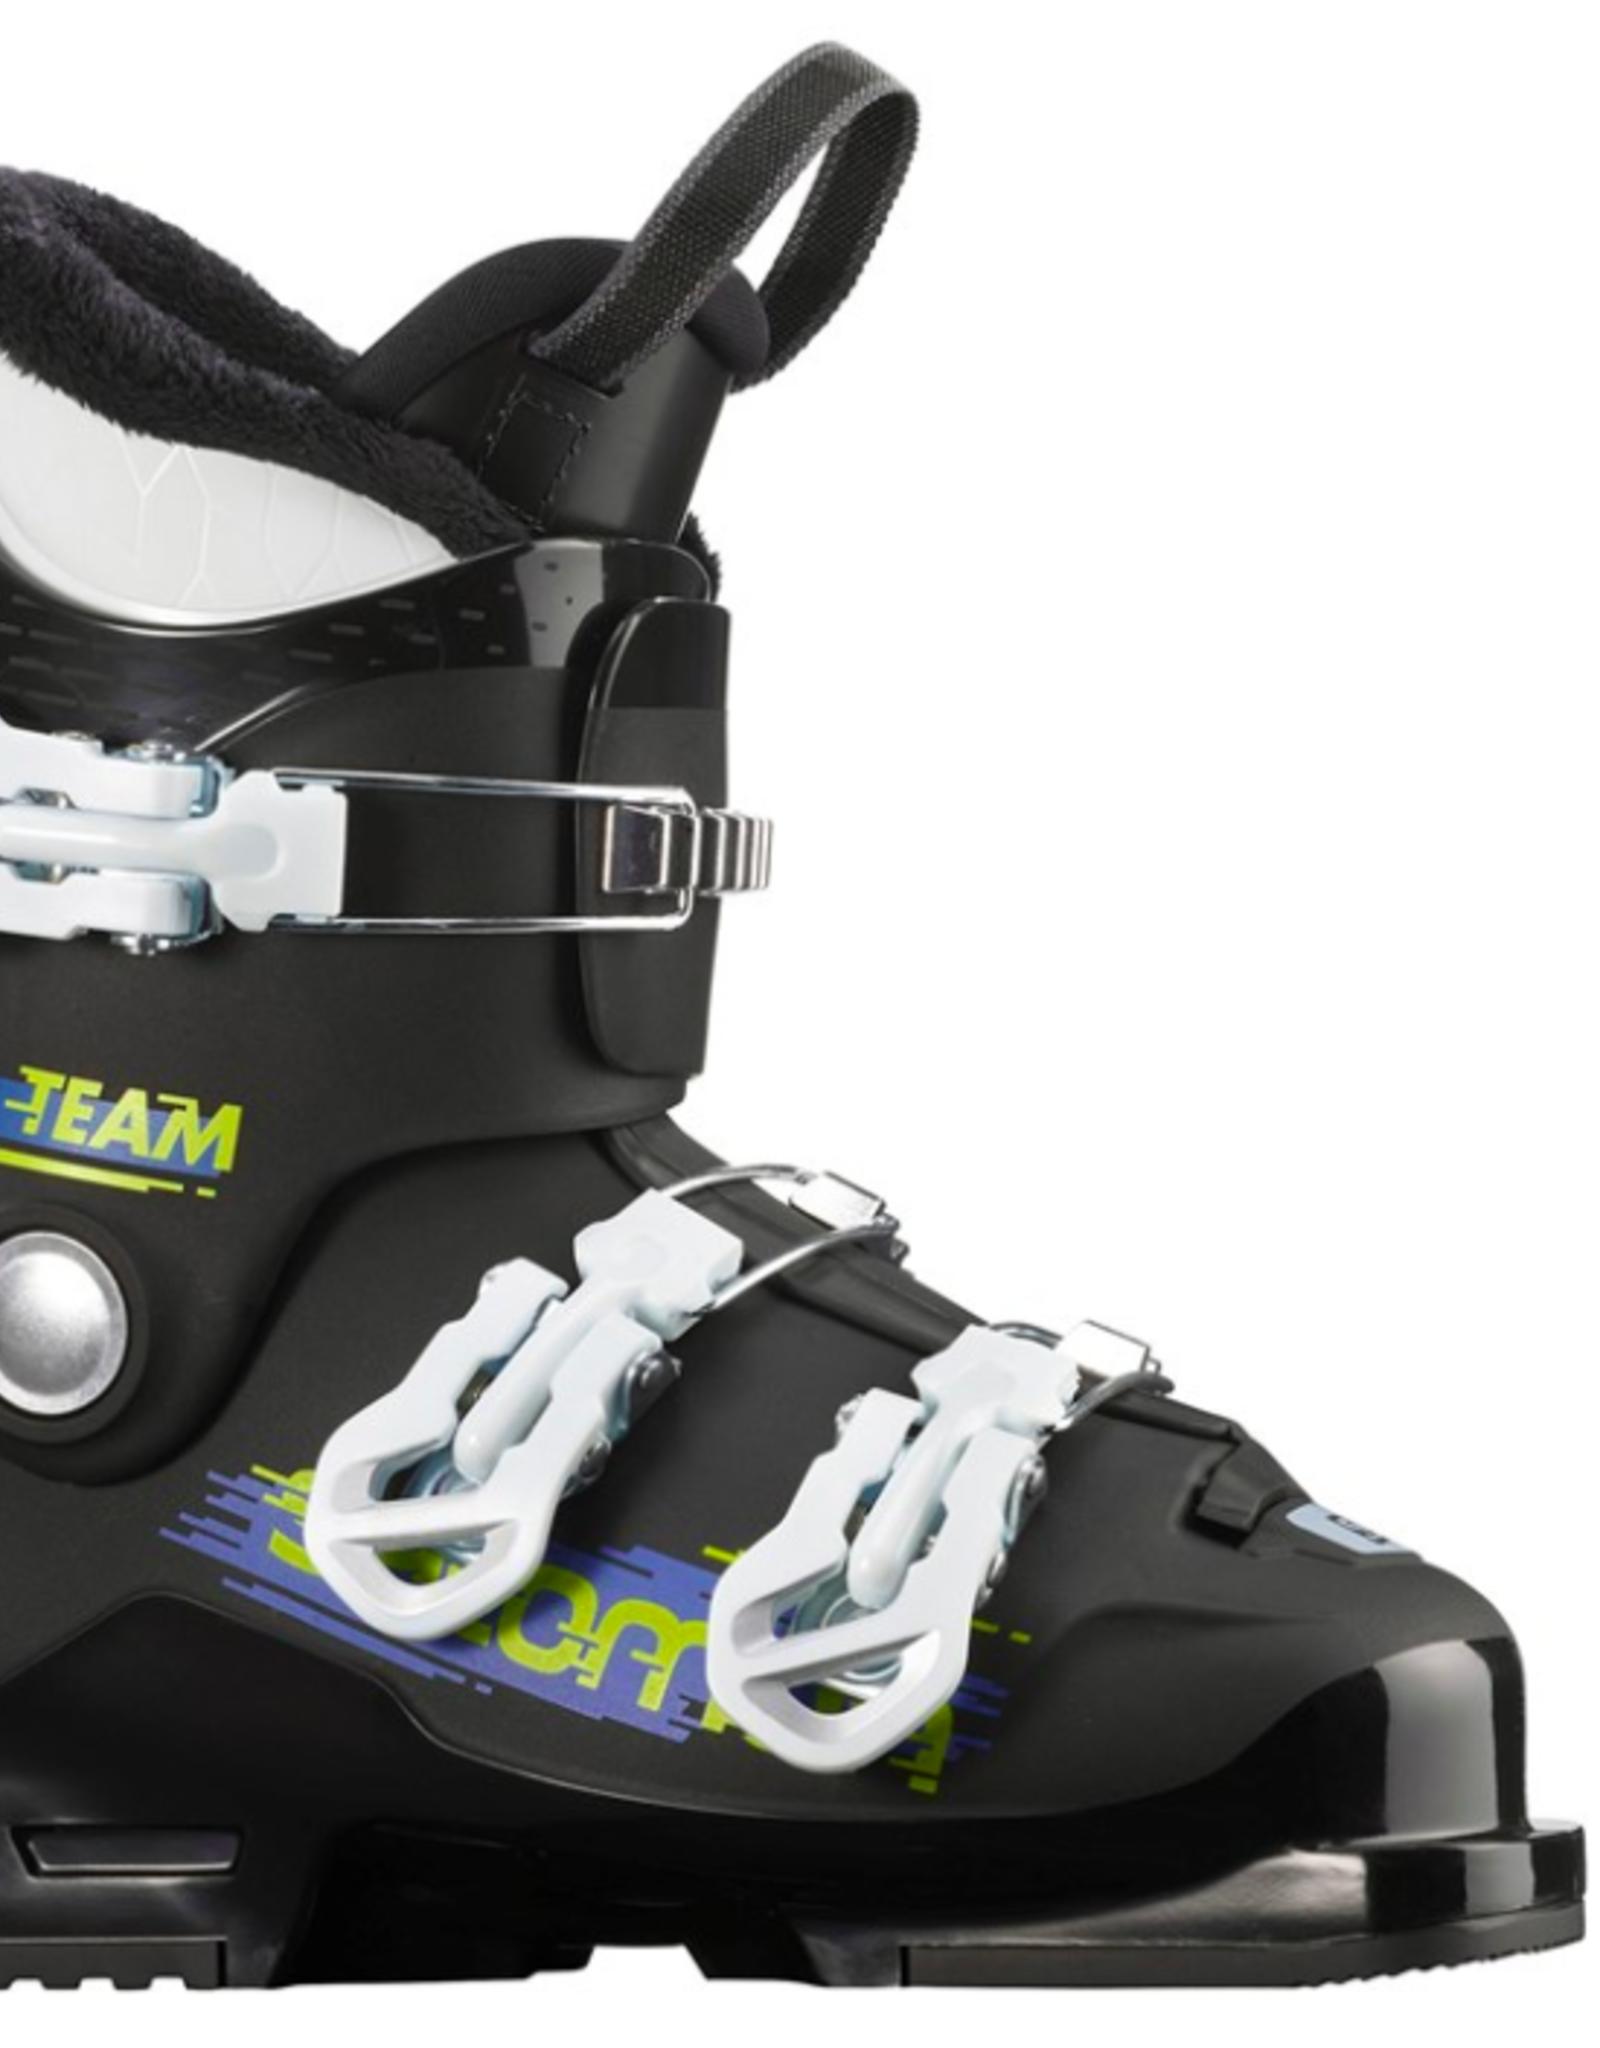 Salomon Youth Alp Team T3 Ski Boots Black/White 2022